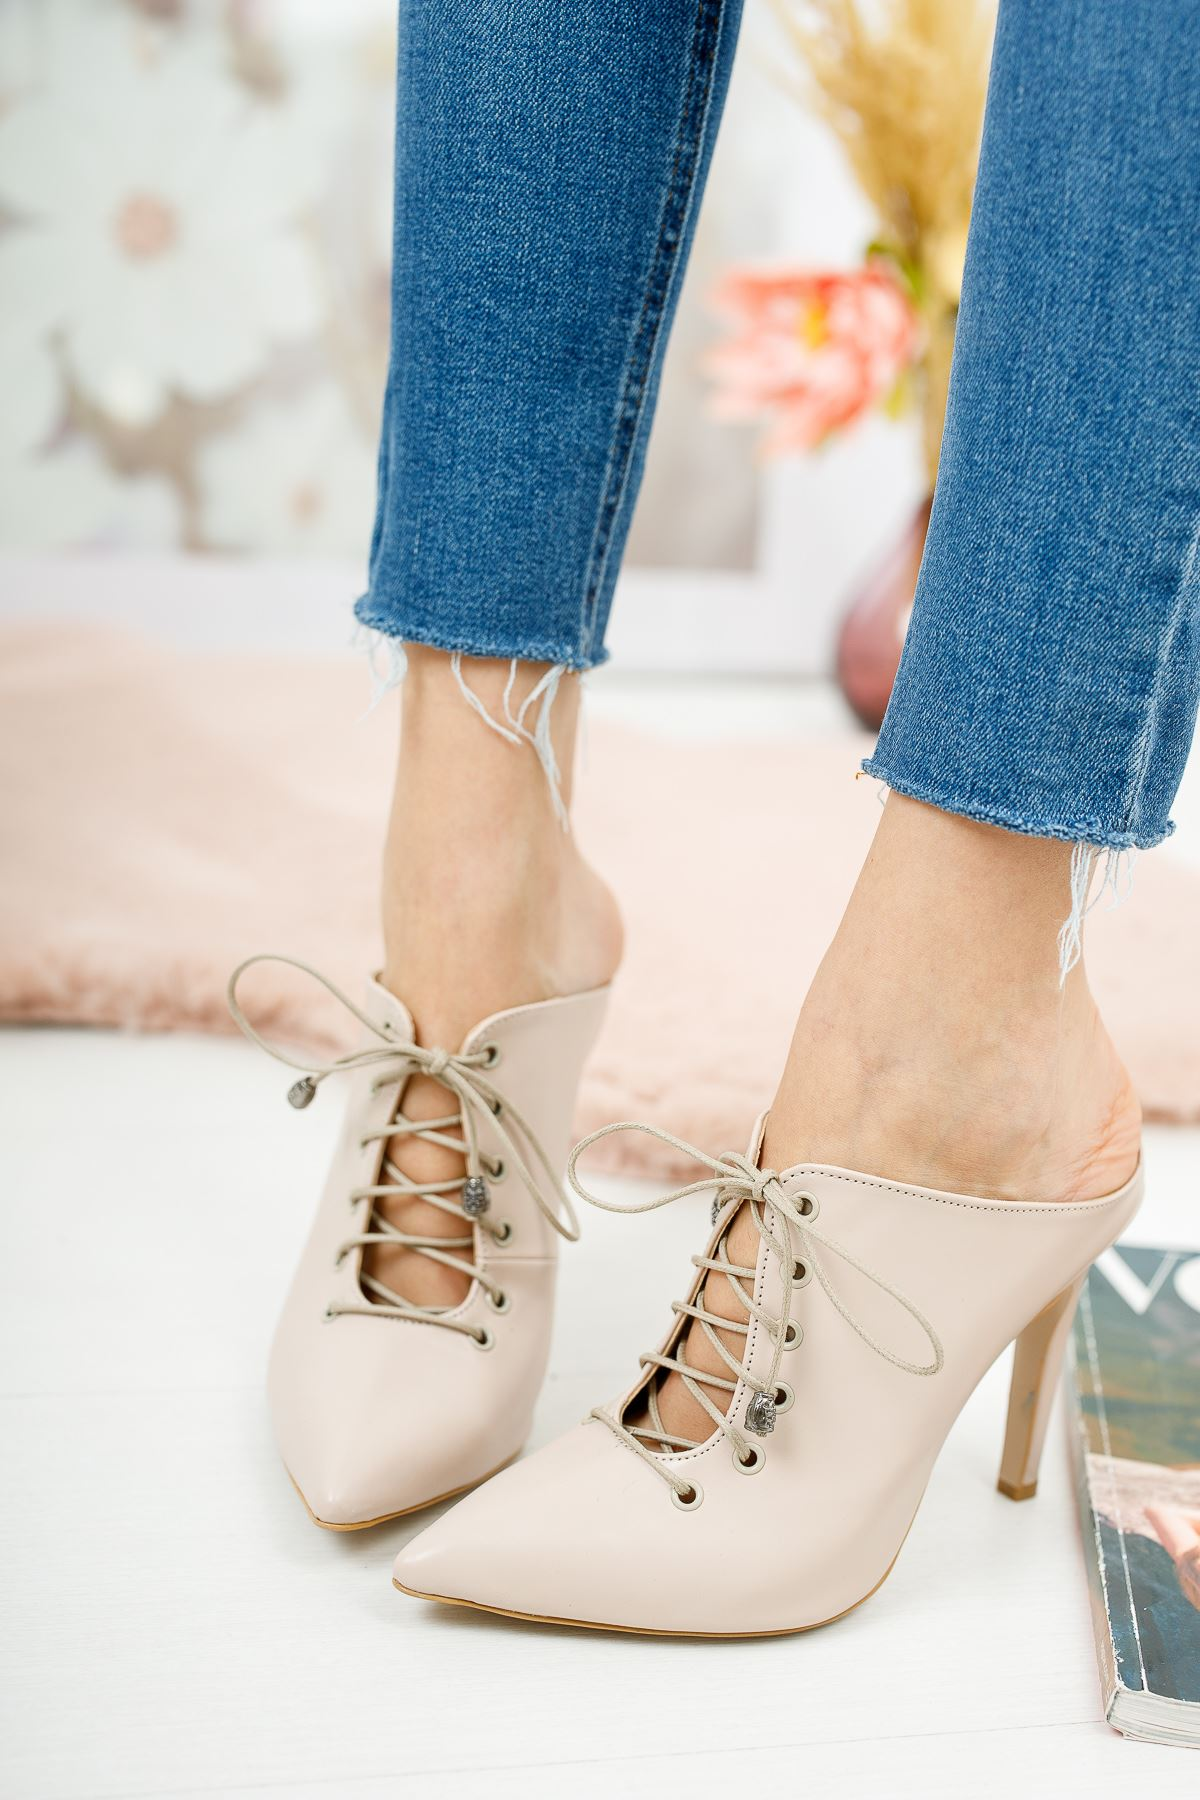 Marina Nude Cilt Topuklu Ayakkabı Stiletto